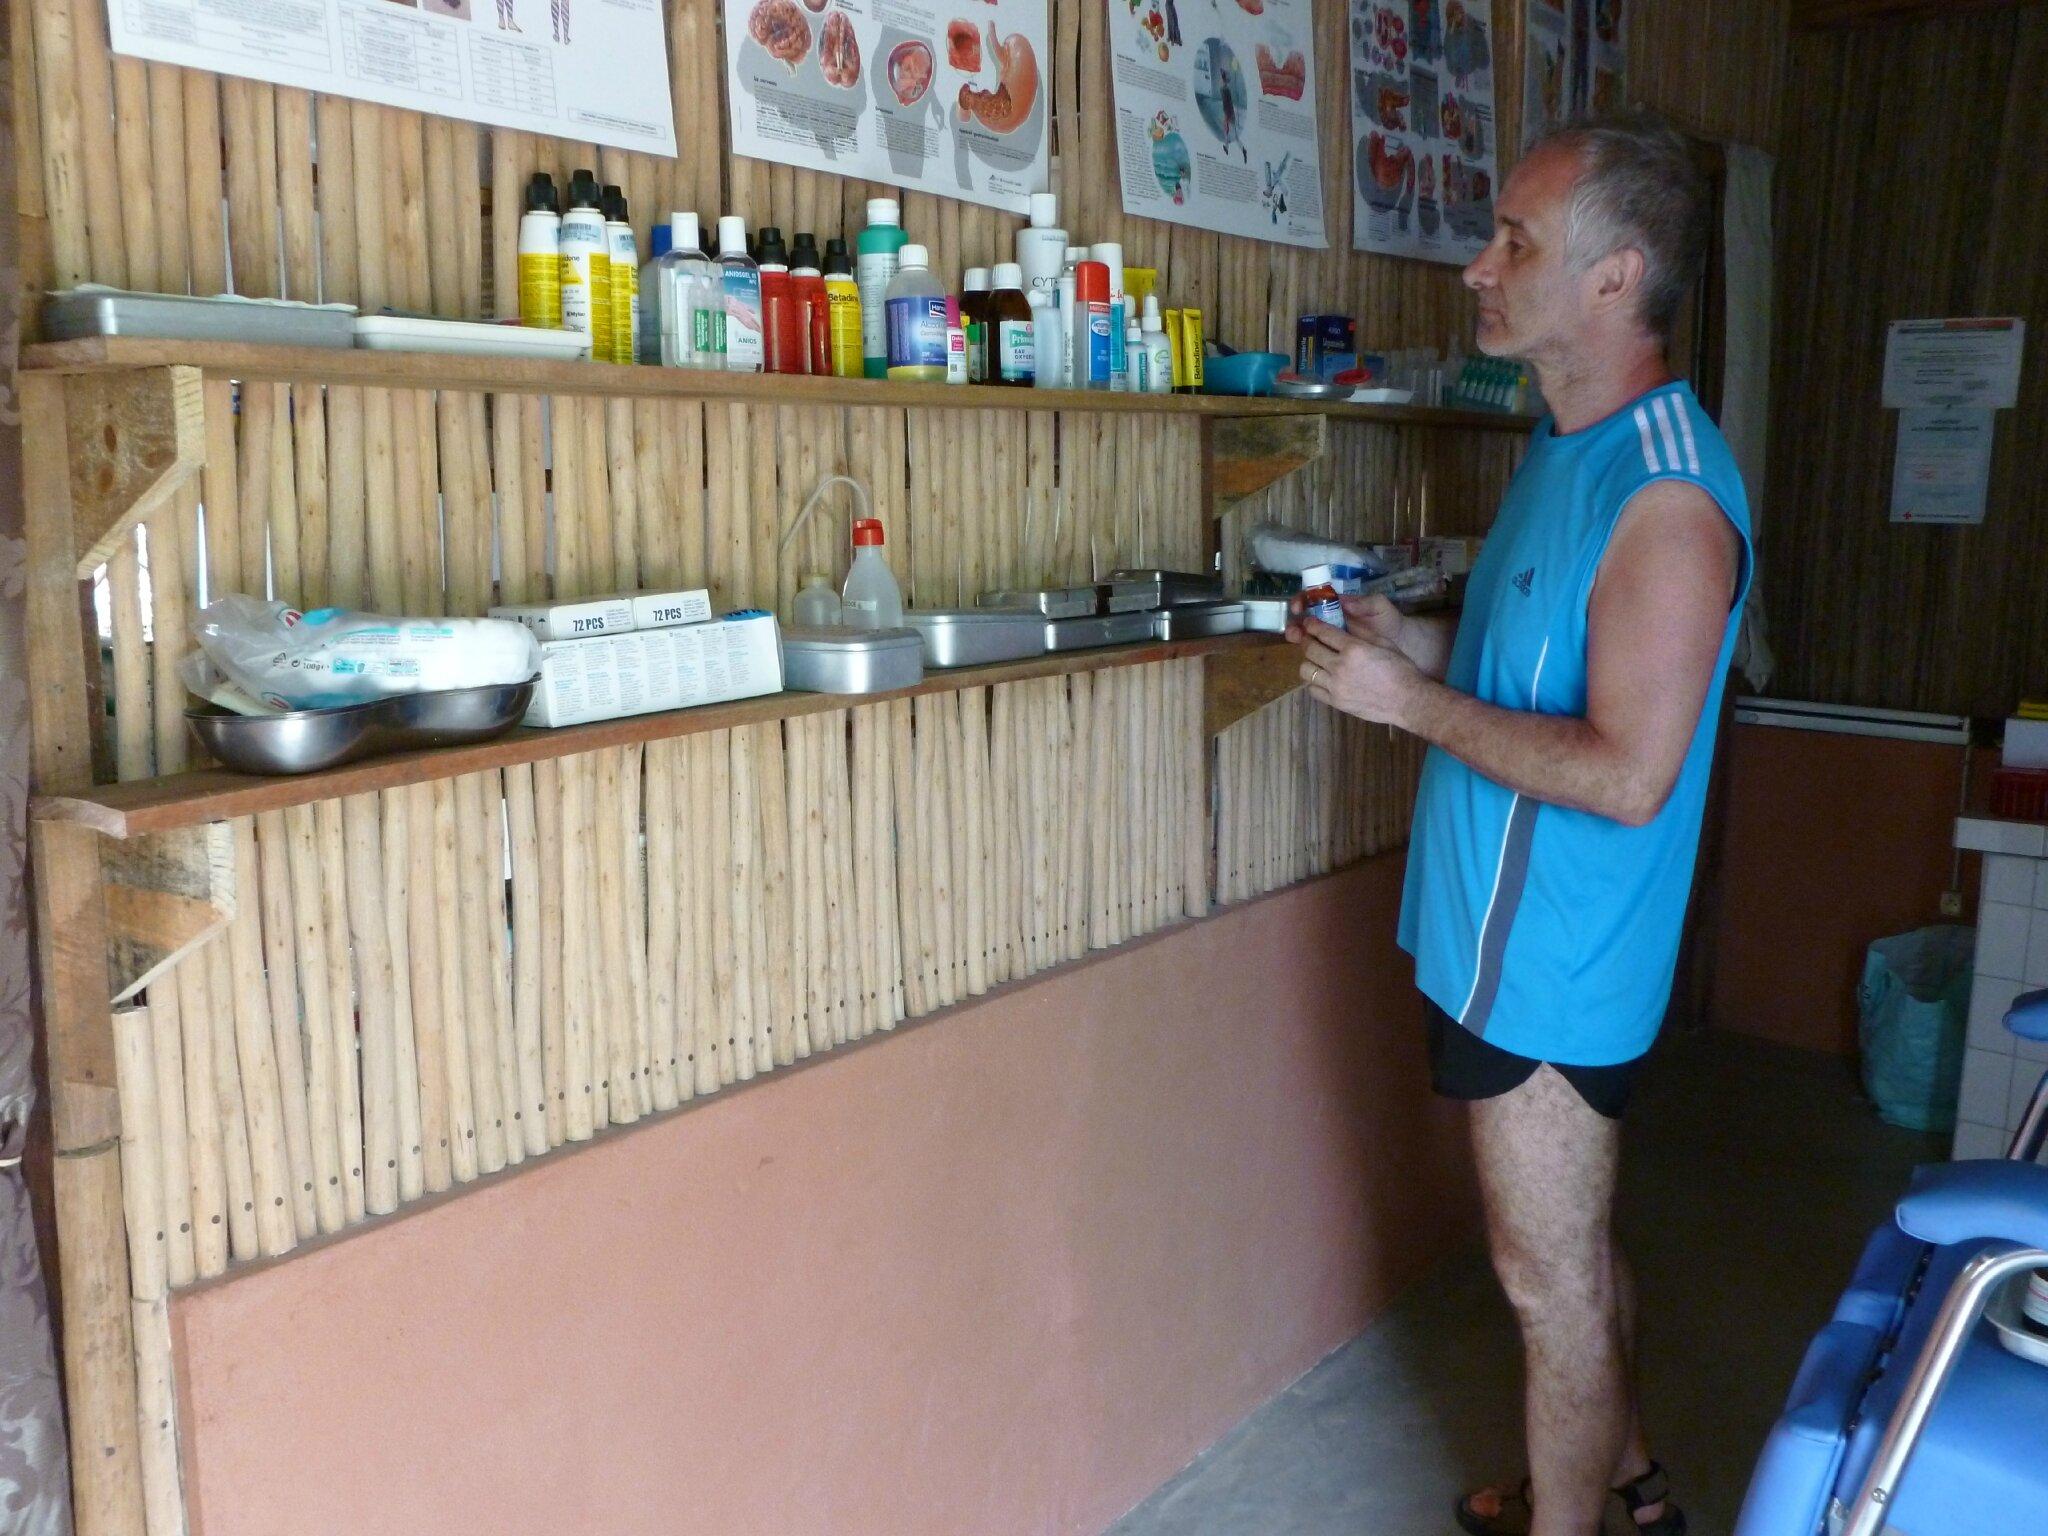 épidémie de varicelle - Le blog de l'Orphelinat